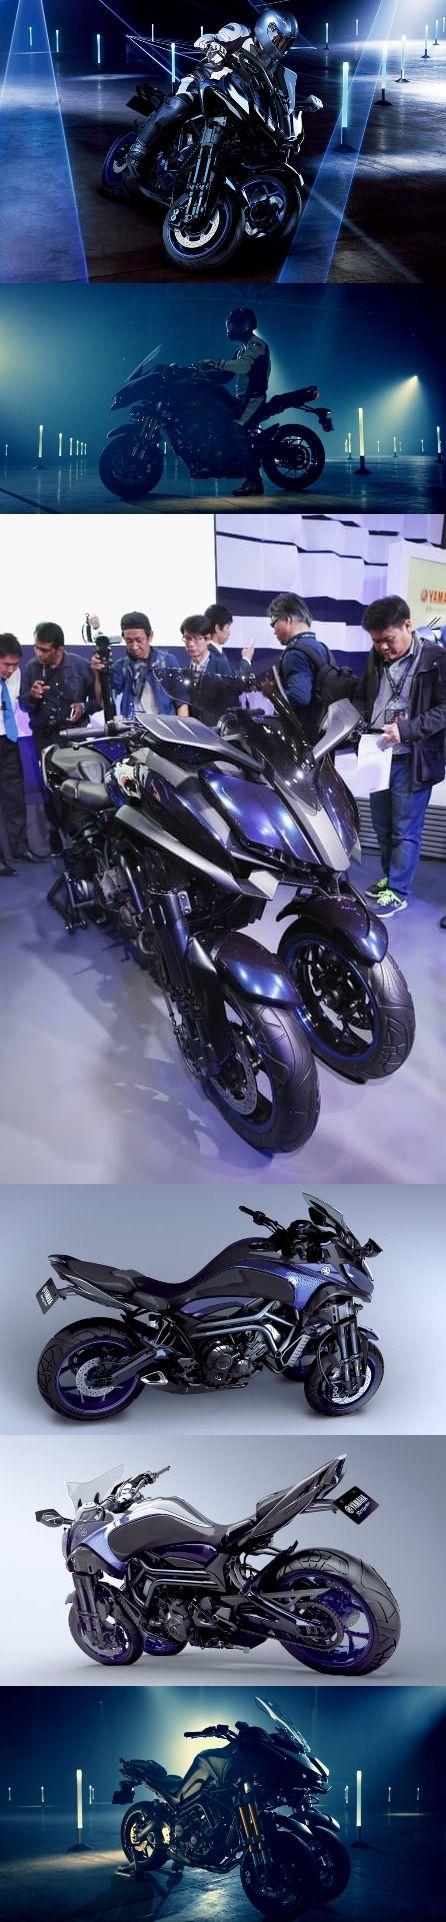 Yamaha Might bring MWT-9 Based Three Wheeler by 2018